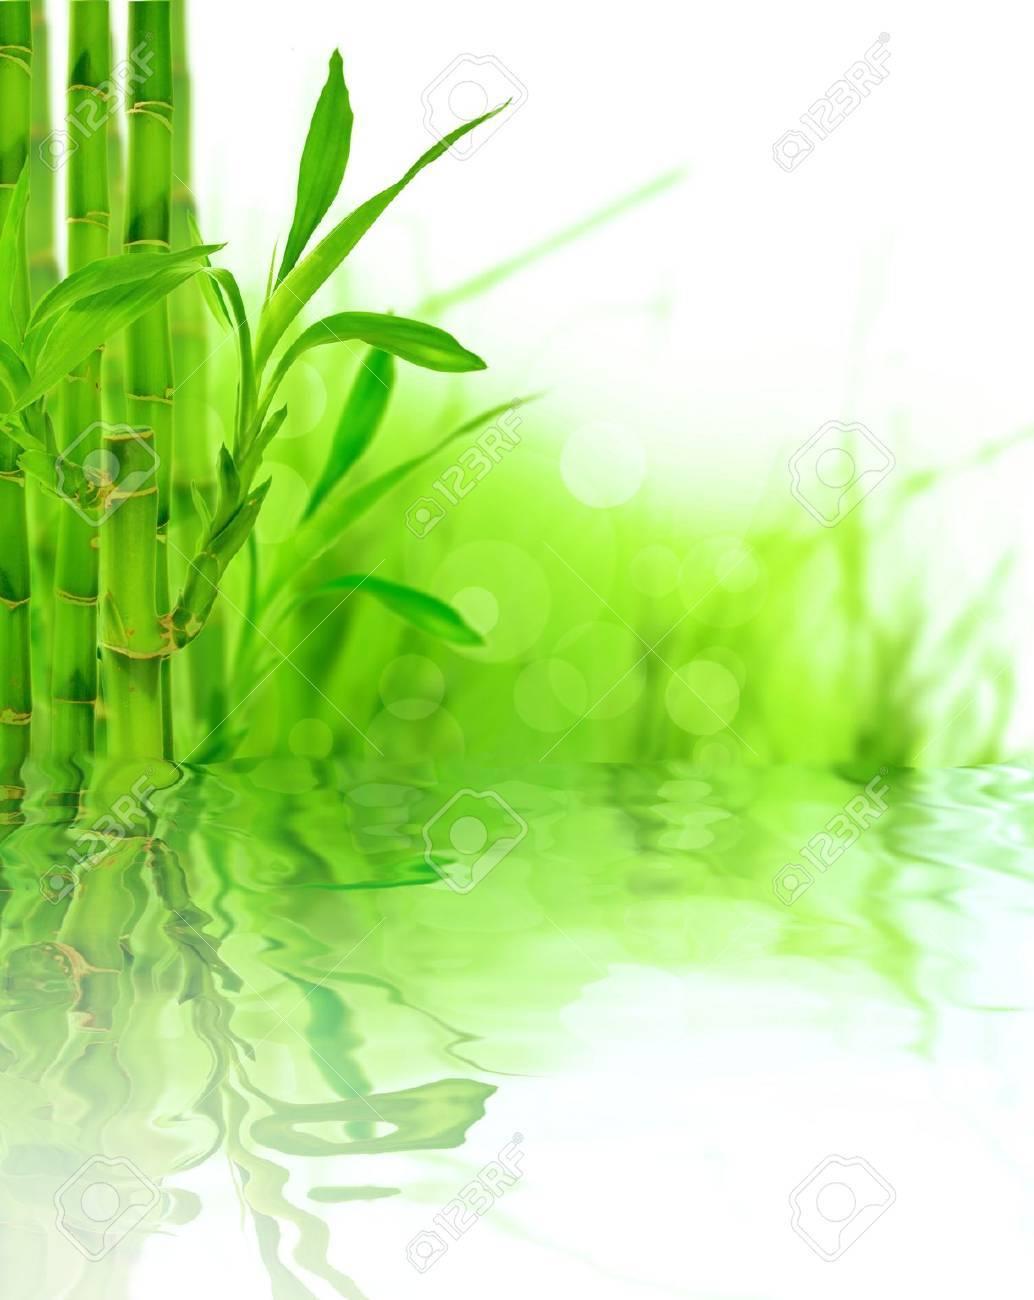 Bamboo background Stock Photo - 14864549